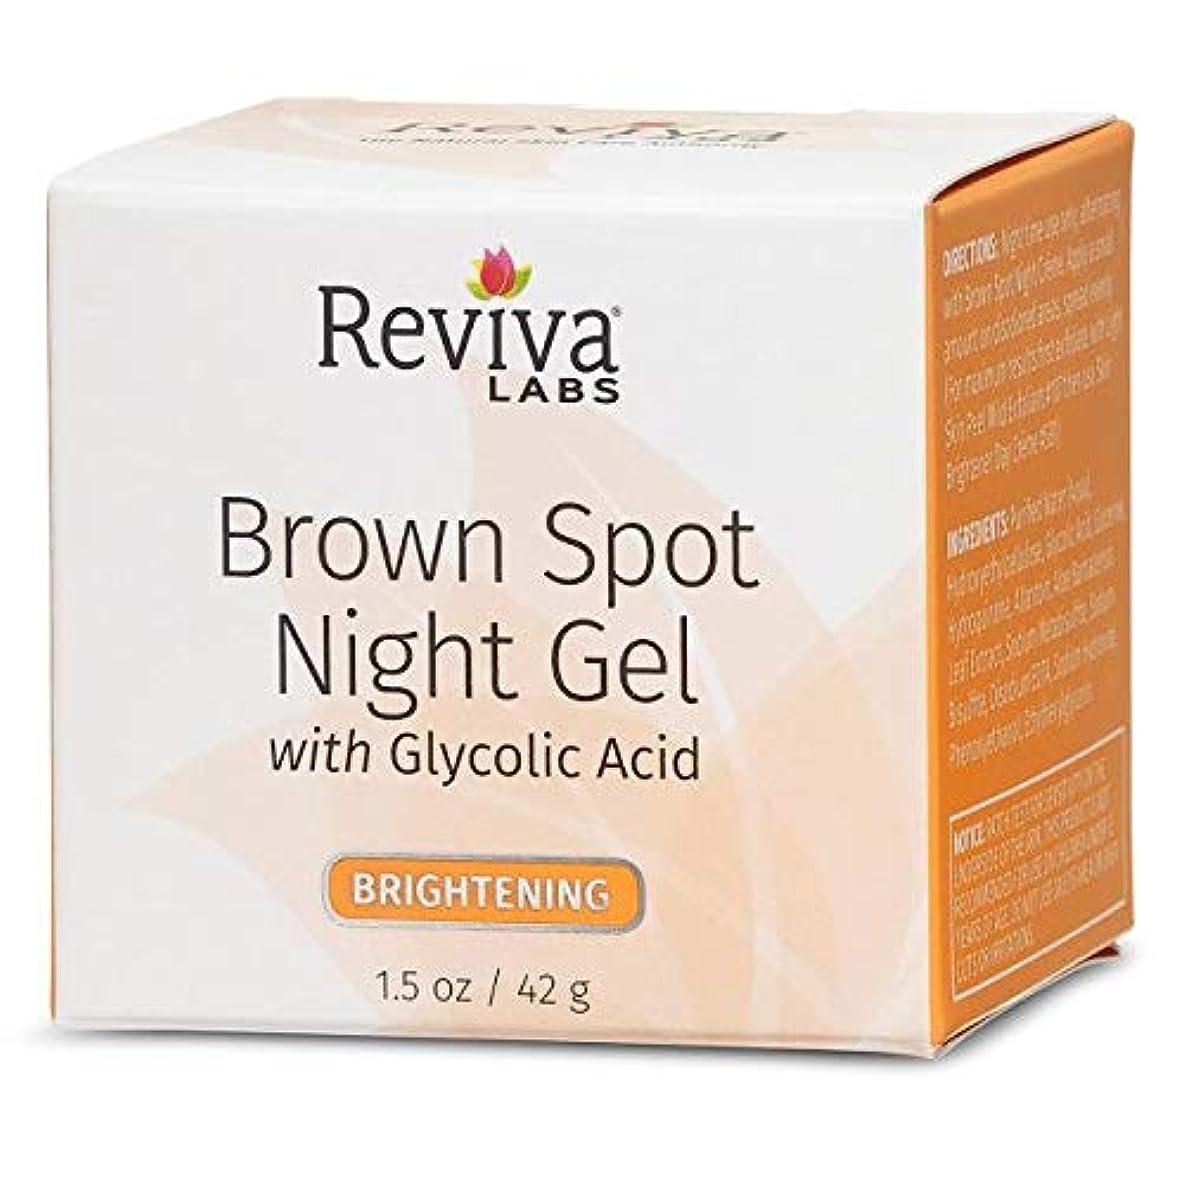 現れるサバントひばりブラウンスポット ナイトジェル グリコール酸入り 1.25oz. REVIVA LABS社製 海外直送品